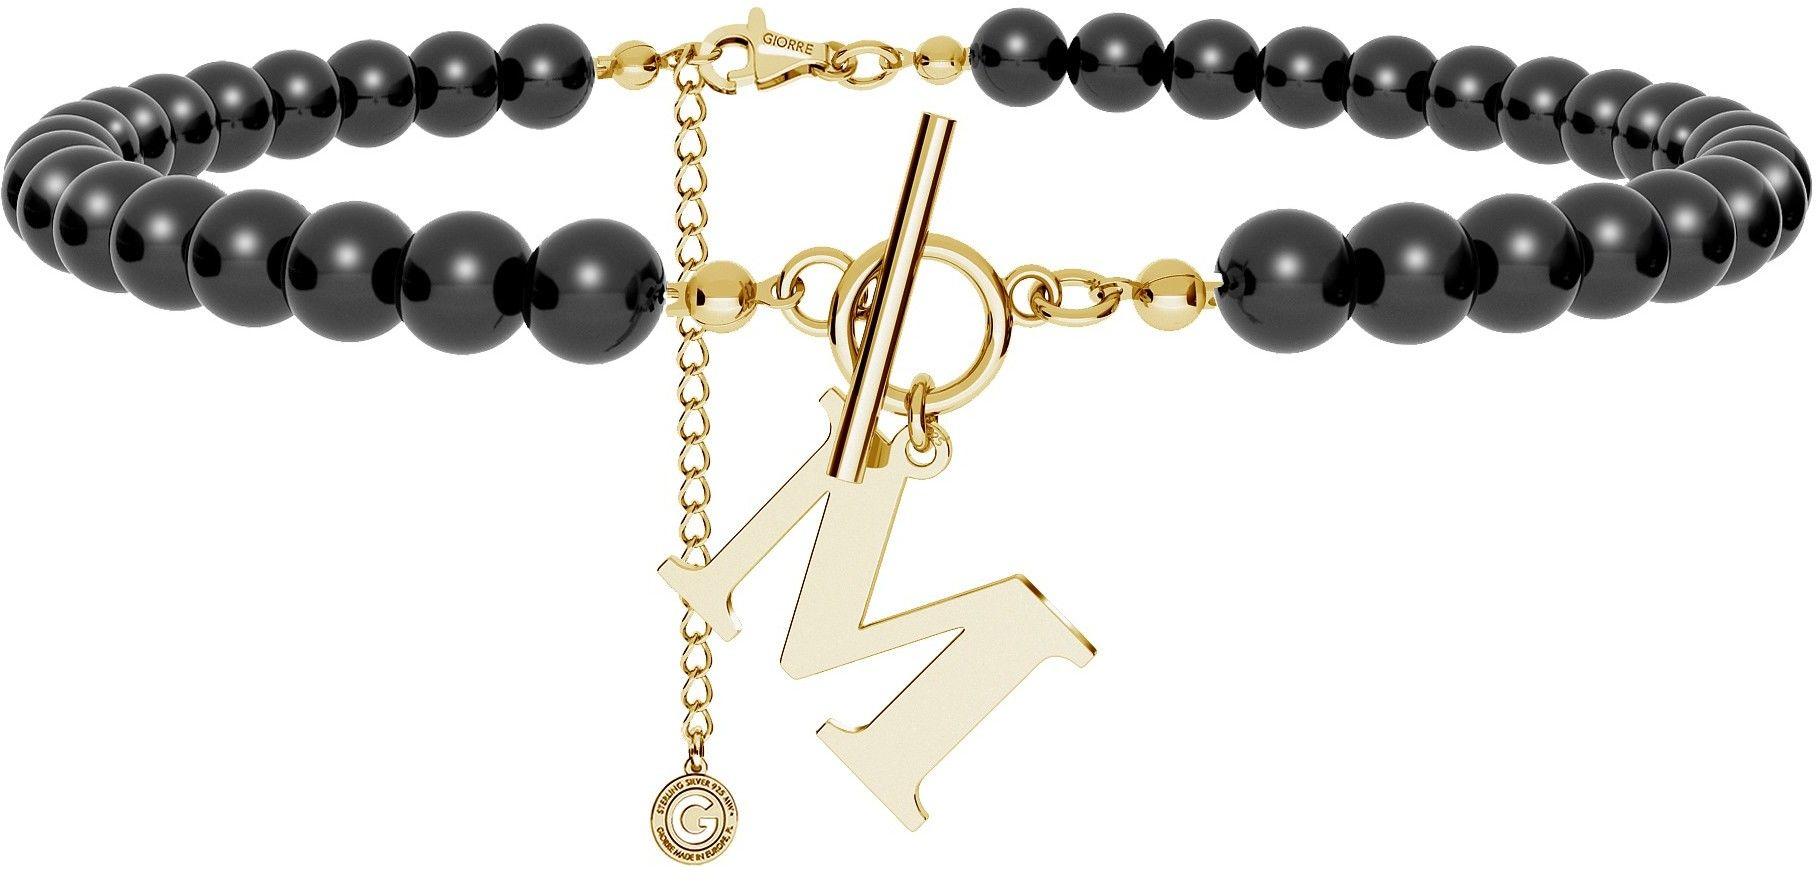 Czarny perłowy choker z dowolną literą, Swarovski, srebro 925 : Litera - F, Srebro - kolor pokrycia - Pokrycie platyną